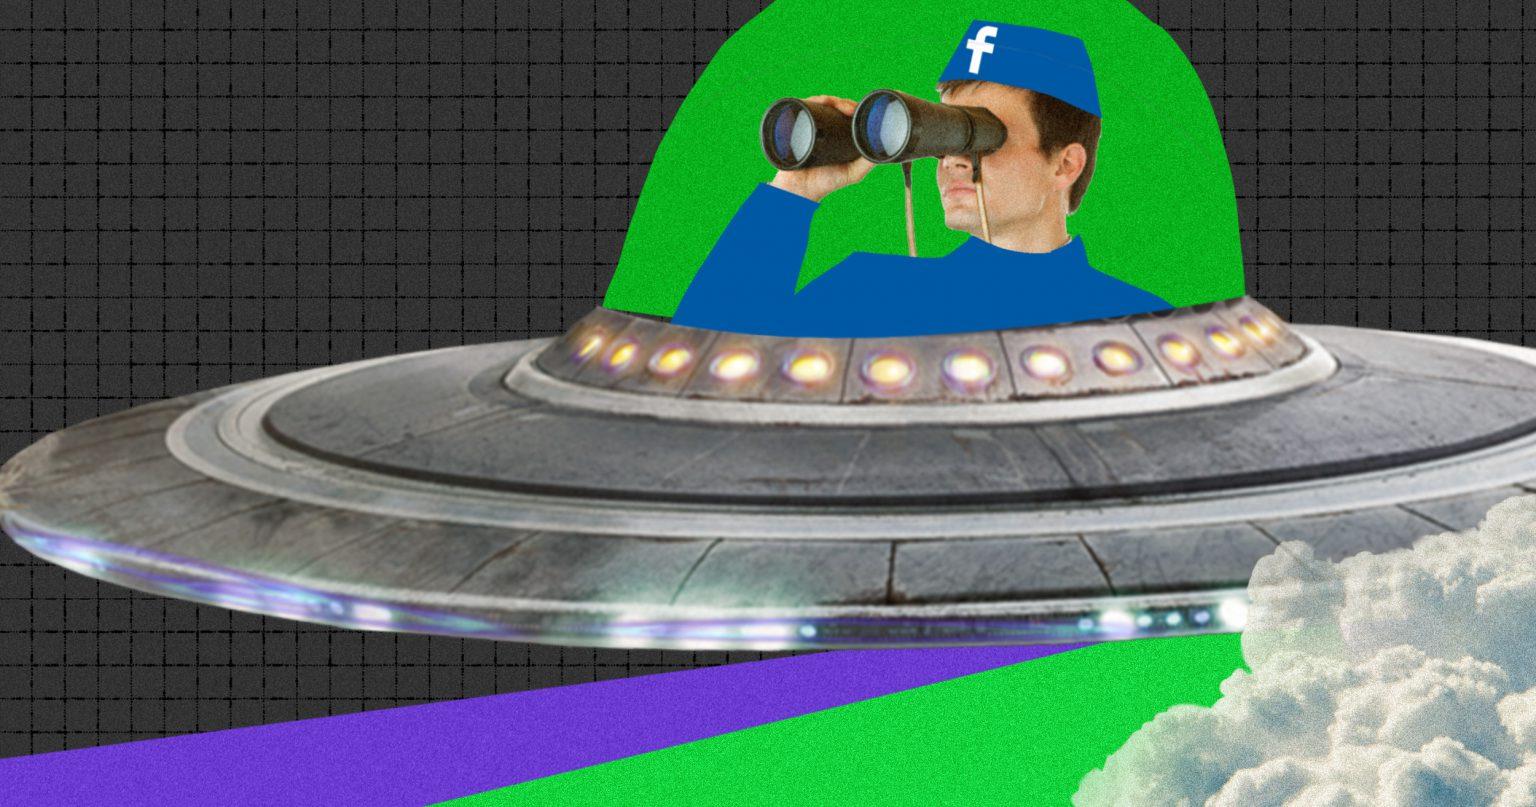 Как интроверту найти друзей: используем алгоритмы Facebook - 1